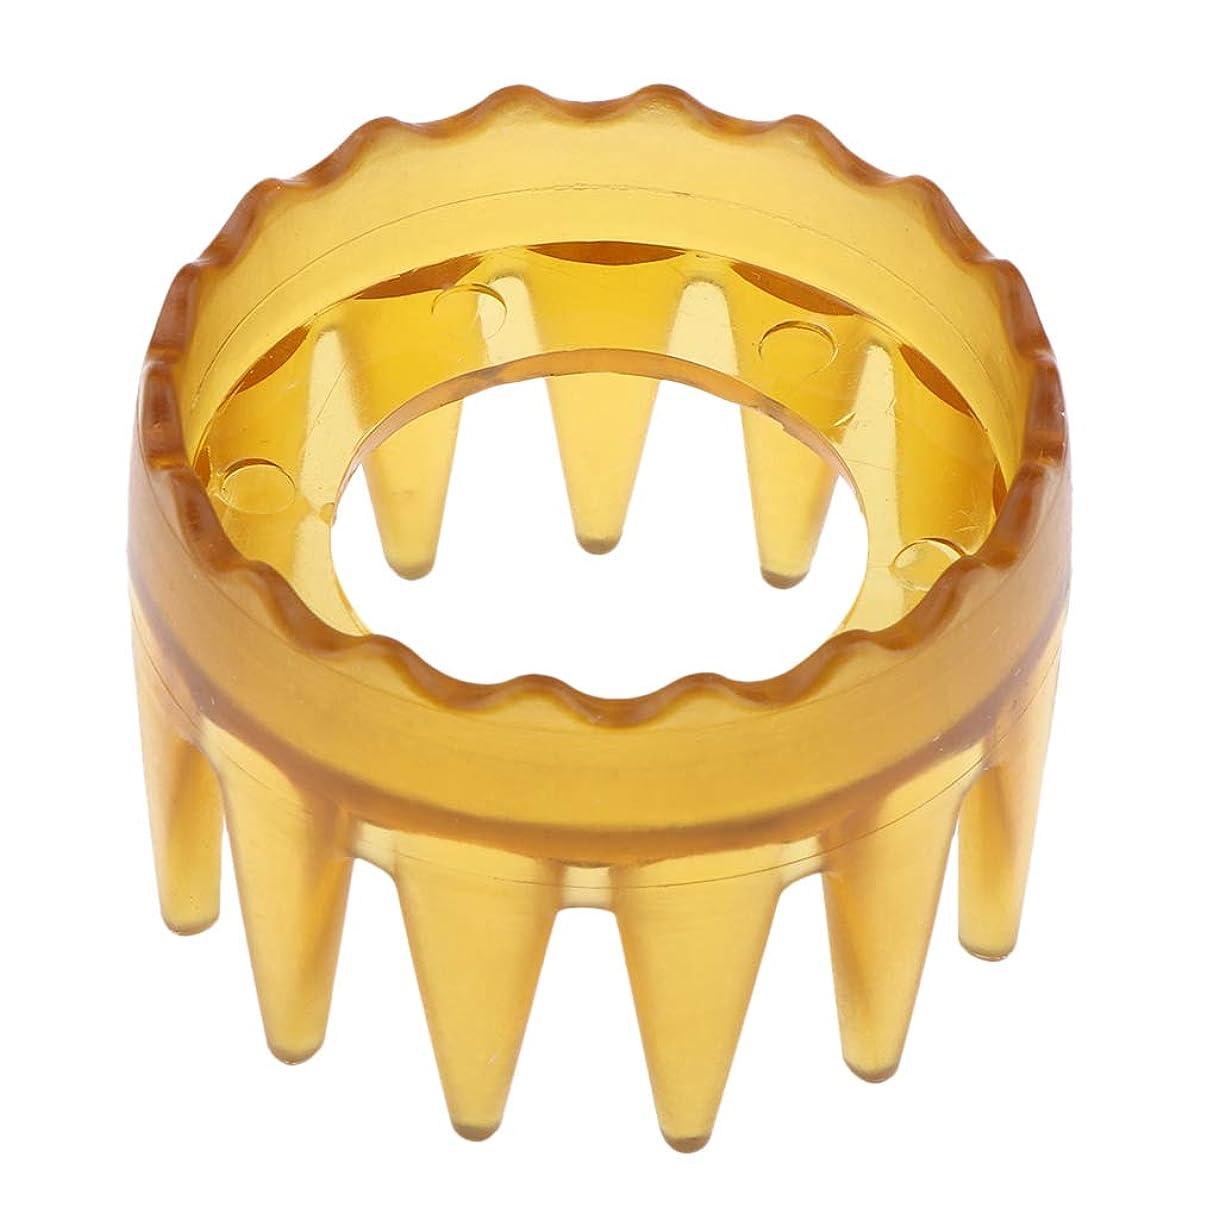 IPOTCH ヘアケアブラシ シャンプーブラシ マッサージャー櫛 シャンプー櫛 ヘアグルーミングブラシ 4色選べ - 黄